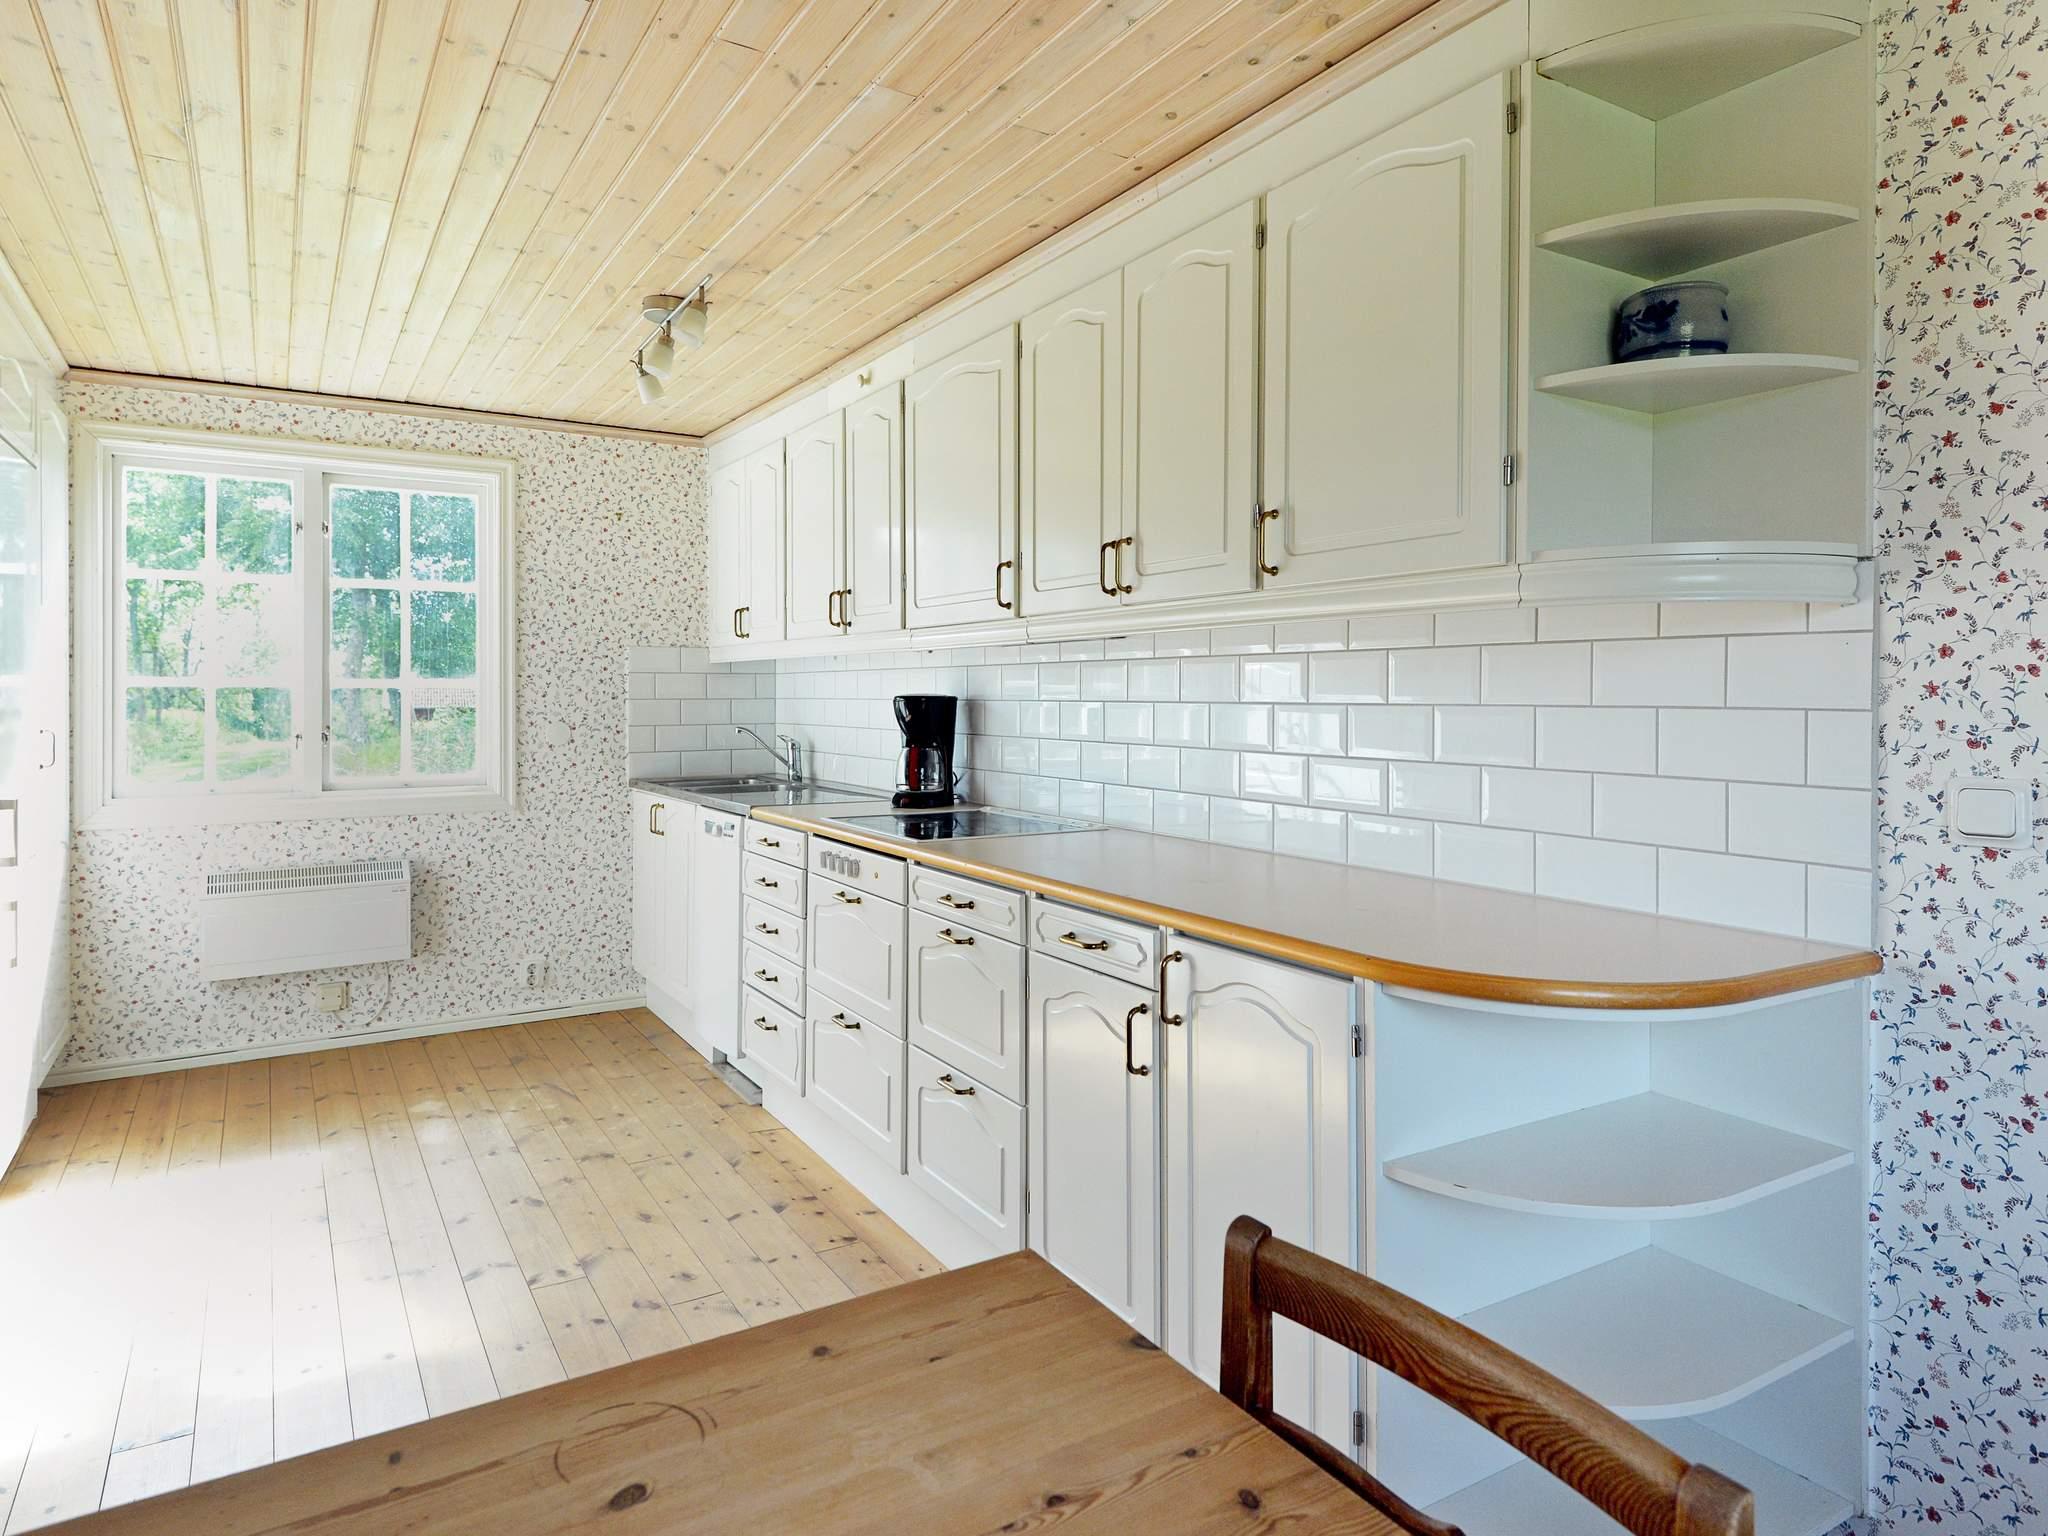 Ferienhaus Strängnäs (93280), Strängnäs, Södermanlands län, Mittelschweden, Schweden, Bild 2